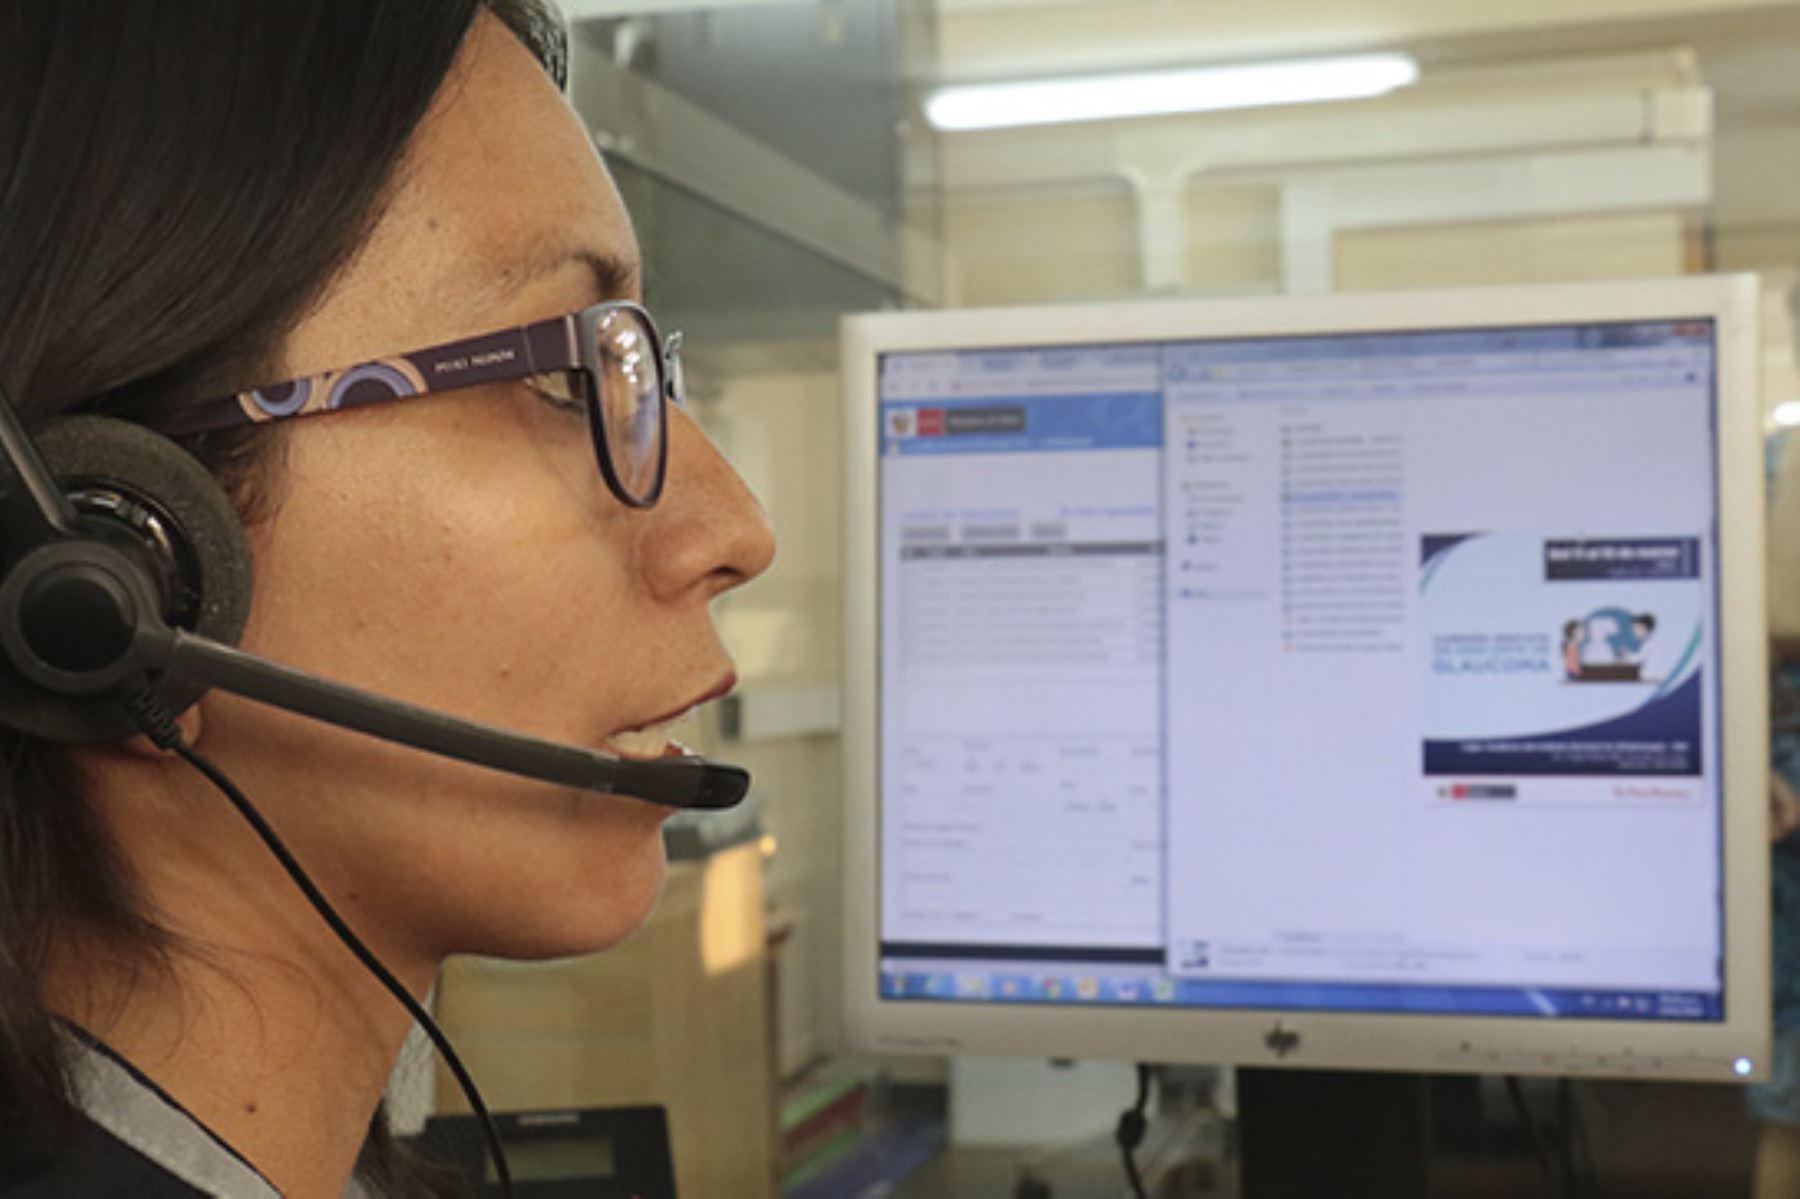 Línea gratuita 113 Salud del Minsa atendió más de 400 llamadas que requerían información del Síndrome de Guillain-Barré.